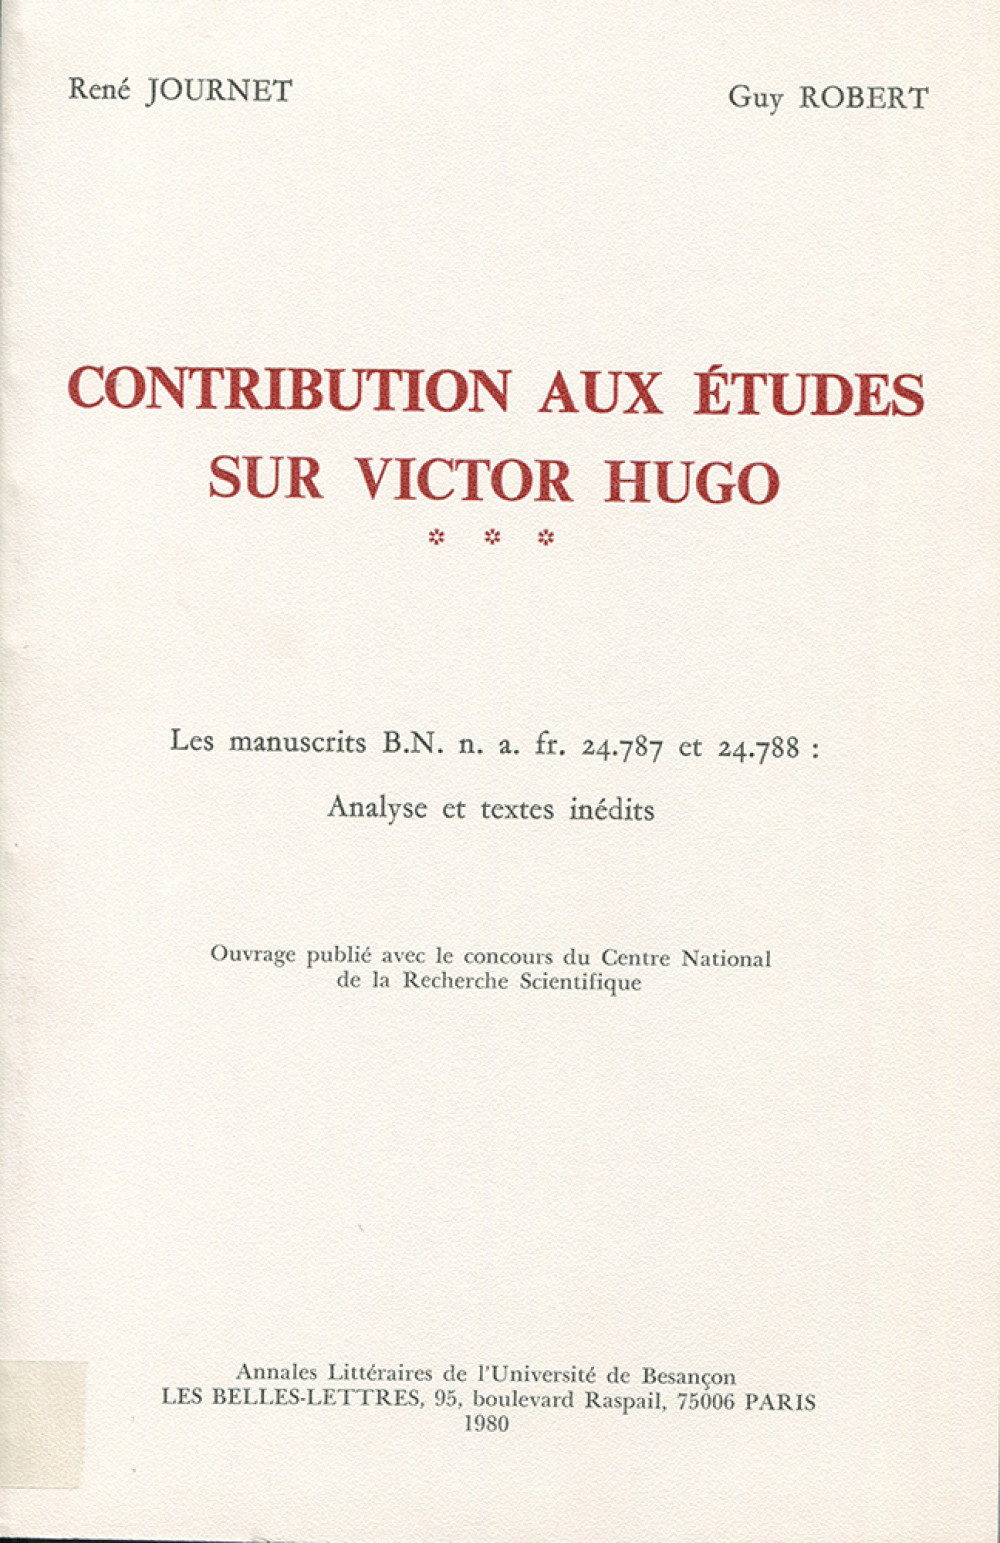 Contribution aux études sur Victor Hugo III